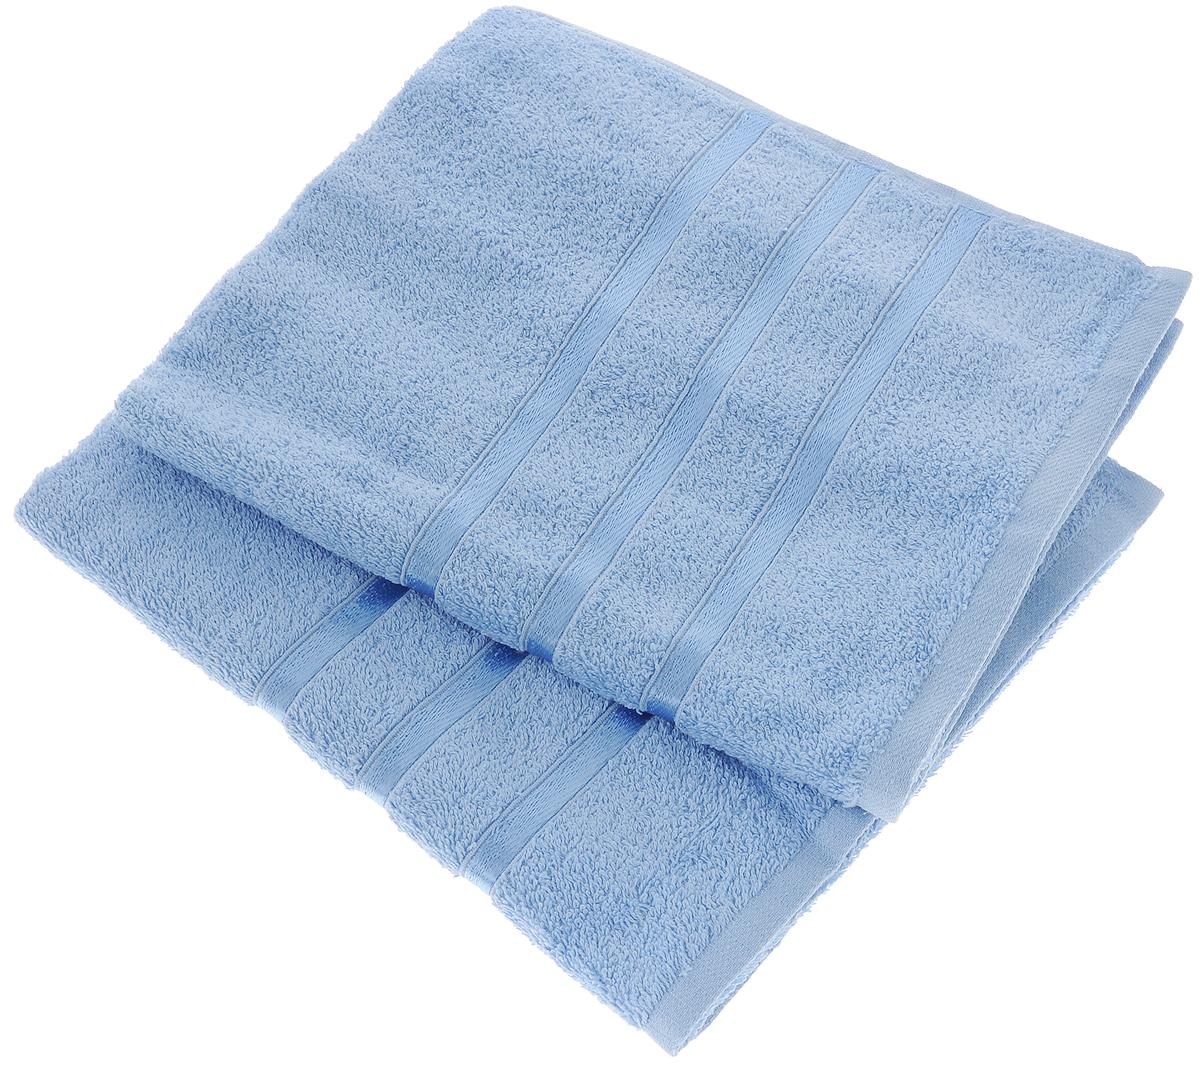 Набор полотенец Tete-a-Tete Ленты, цвет: голубой, 50 х 85 см, 2 шт19201Набор Tete-a-Tete Ленты состоит из двух махровых полотенец, выполненных из натурального 100% хлопка. Бордюр полотенец декорирован лентами. Изделия мягкие, отлично впитывают влагу, быстро сохнут, сохраняют яркость цвета и не теряют форму даже после многократных стирок. Полотенца Tete-a-Tete Ленты очень практичны и неприхотливы в уходе. Они легко впишутся в любой интерьер благодаря своей нежной цветовой гамме. Набор упакован в красивую коробку и может послужить отличной идеей для подарка.Размер полотенец: 50 х 85 см.